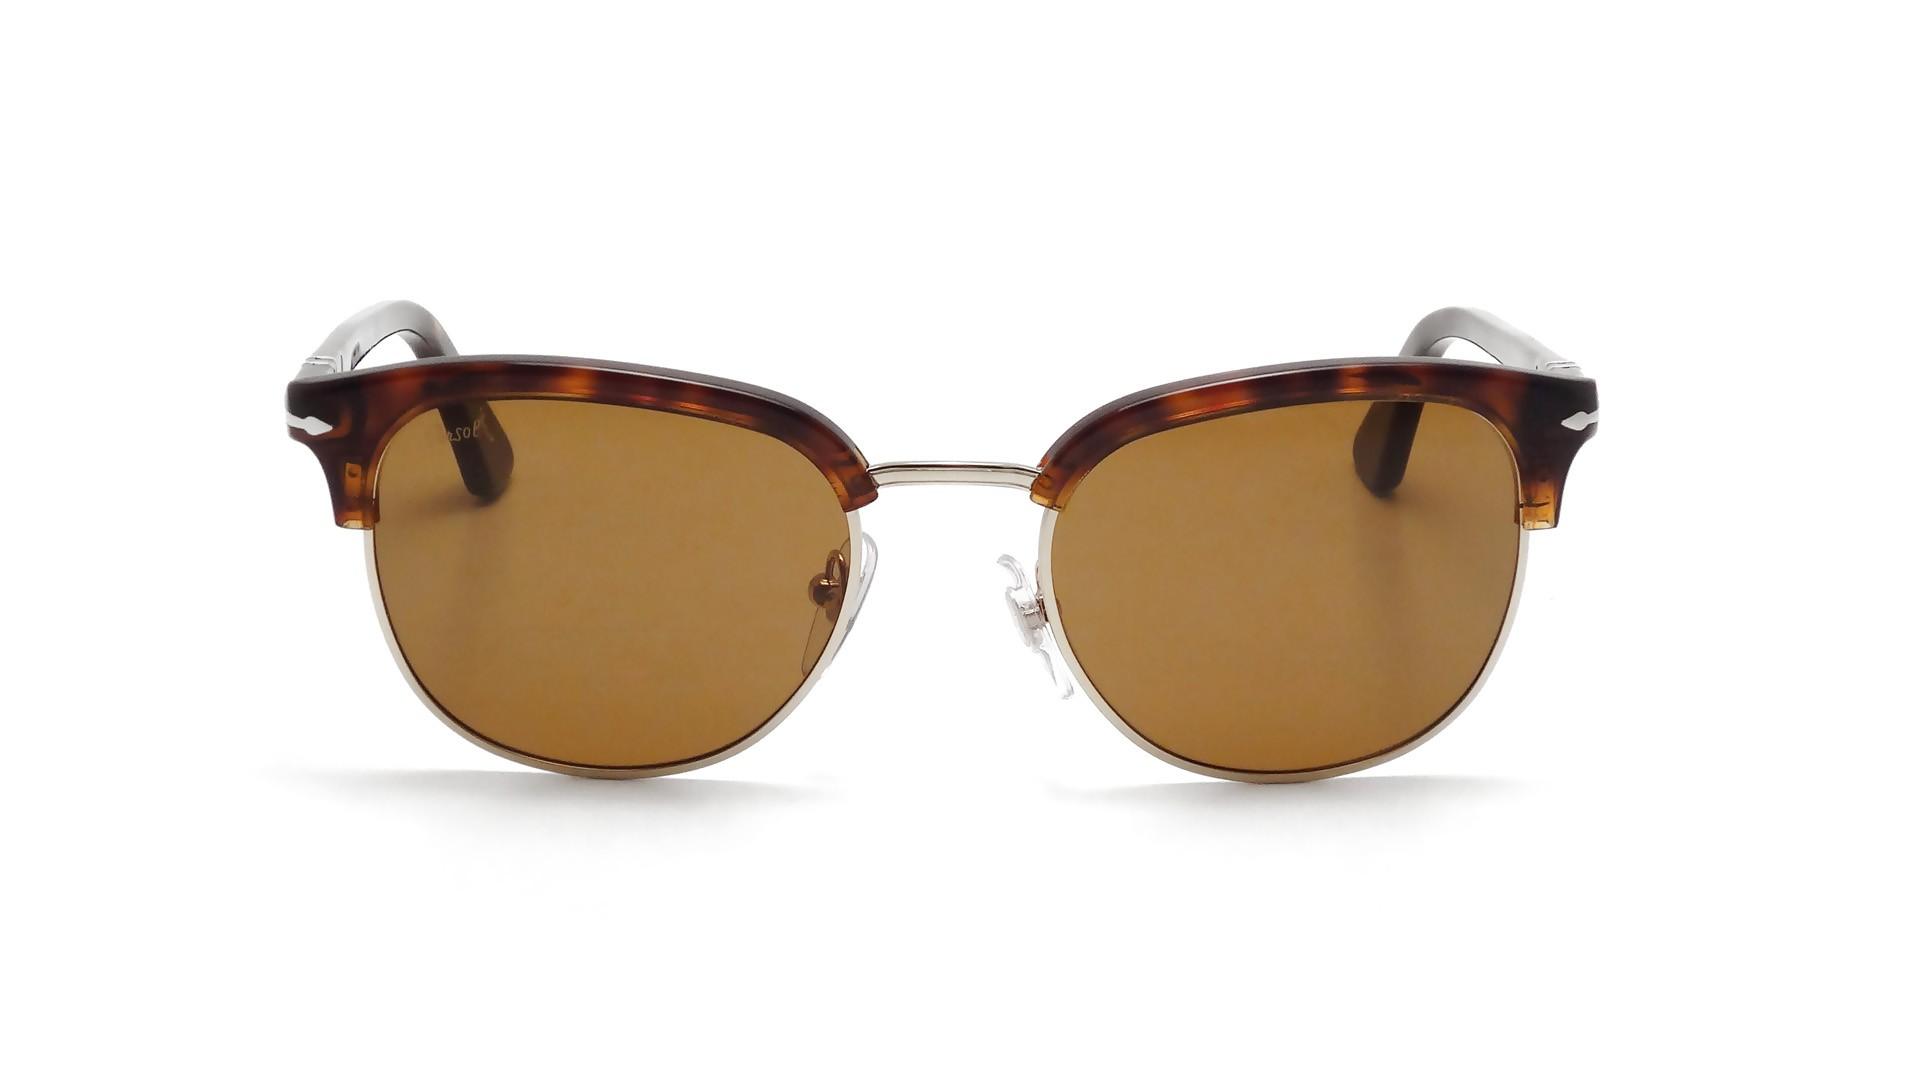 71bab0e088ad5 Sunglasses Persol Cellor Series Tortoise PO3105S 24 33 51-20 Medium